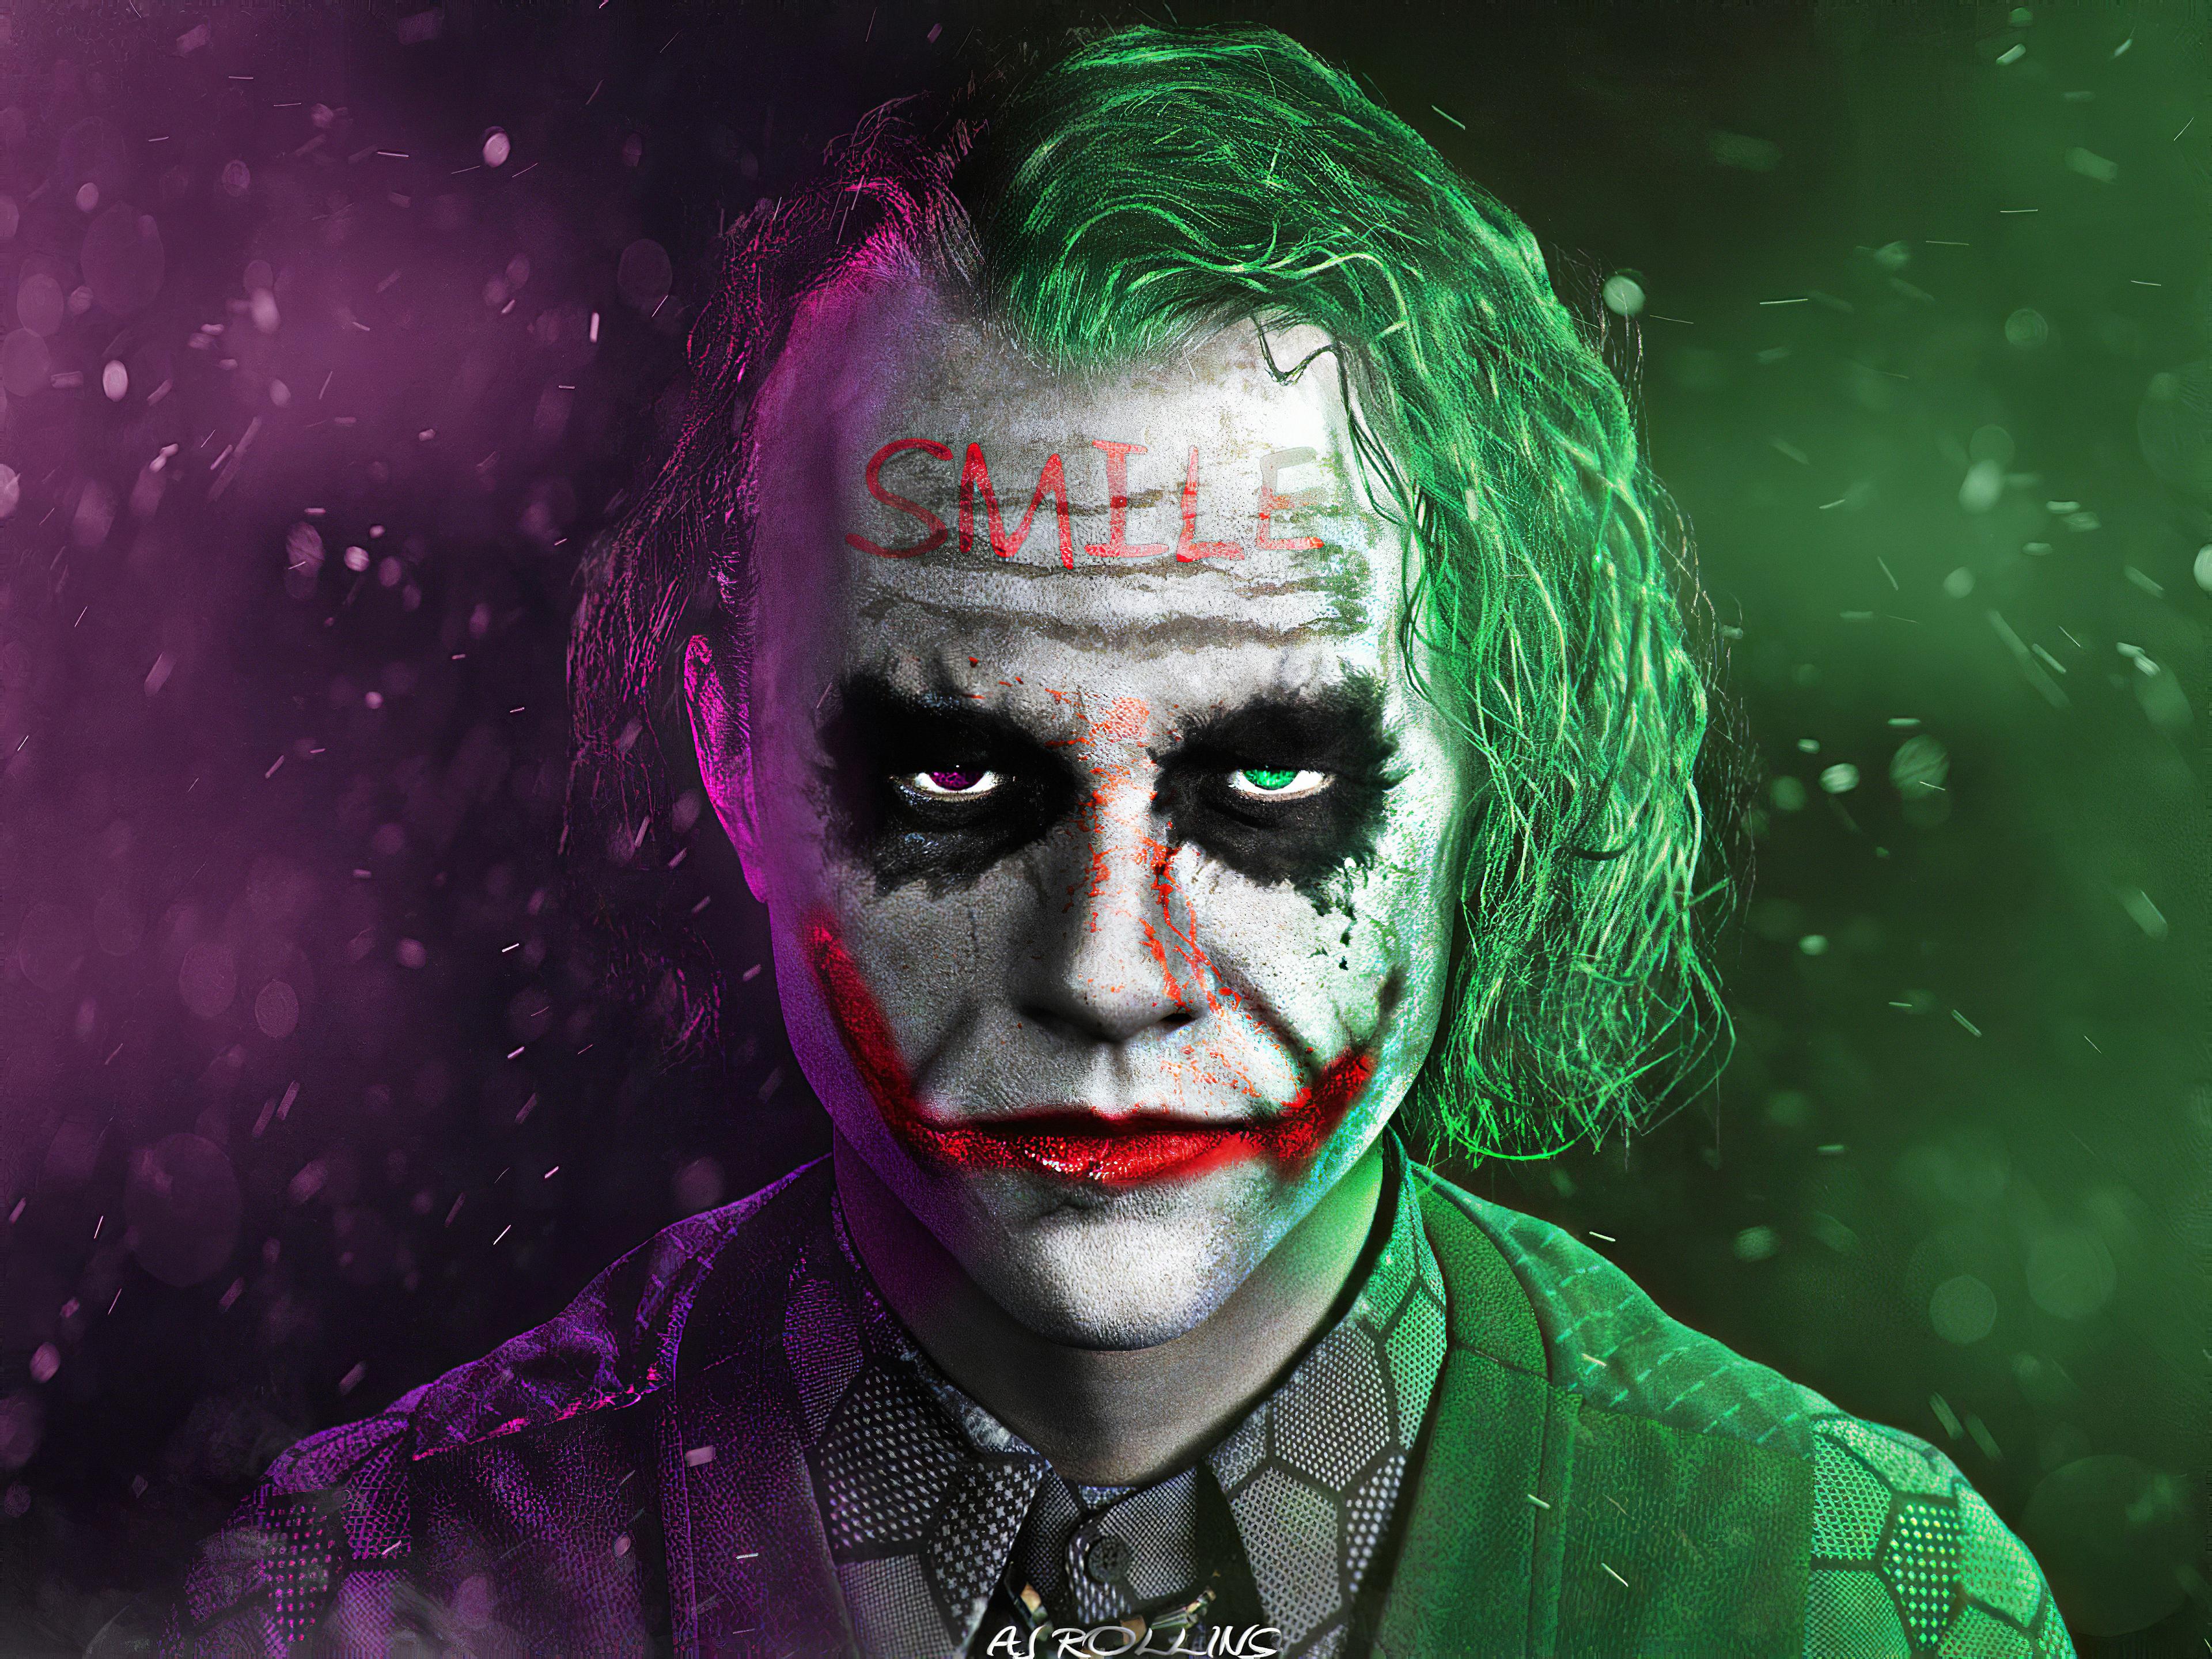 joker posture art 1576098017 - Joker Posture Art - Joker Posture wallpaper 4k hd, joker phone wallpaper hd 4k, joker hd wallpaper 4k, joker art wallpaper hd 4k, 4k wallpaper joker